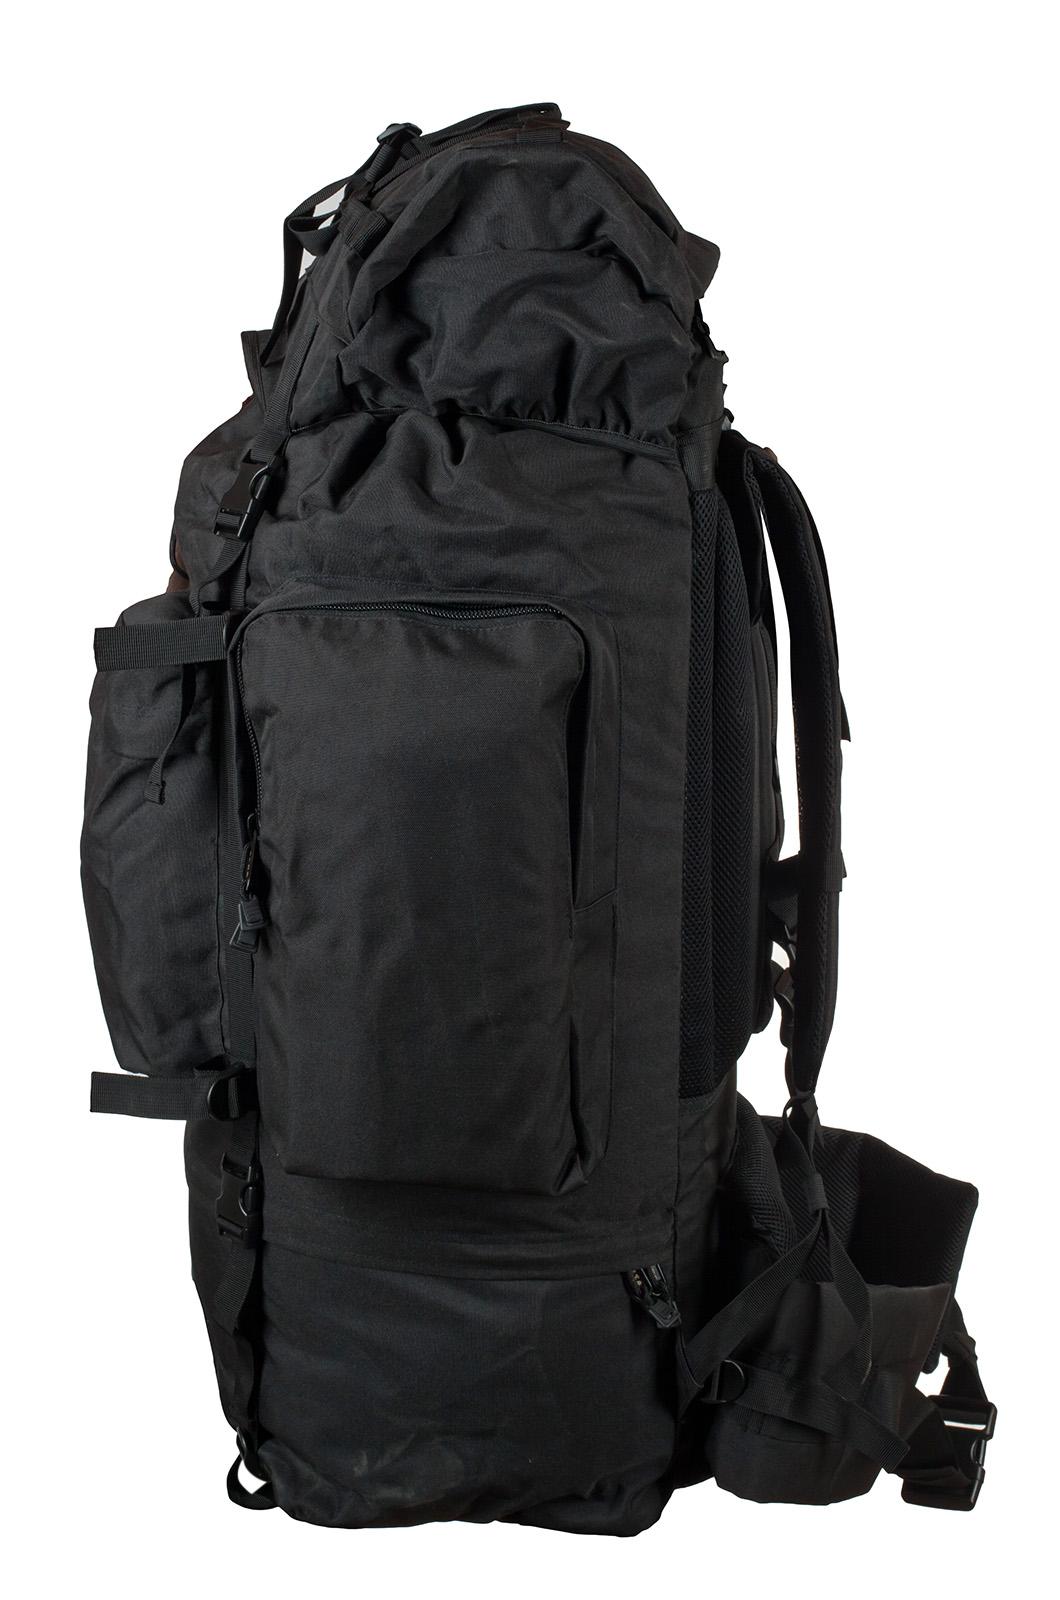 Многодневный тактический рюкзак ДПС ГИГАНТ Max Fuchs - купить оптом